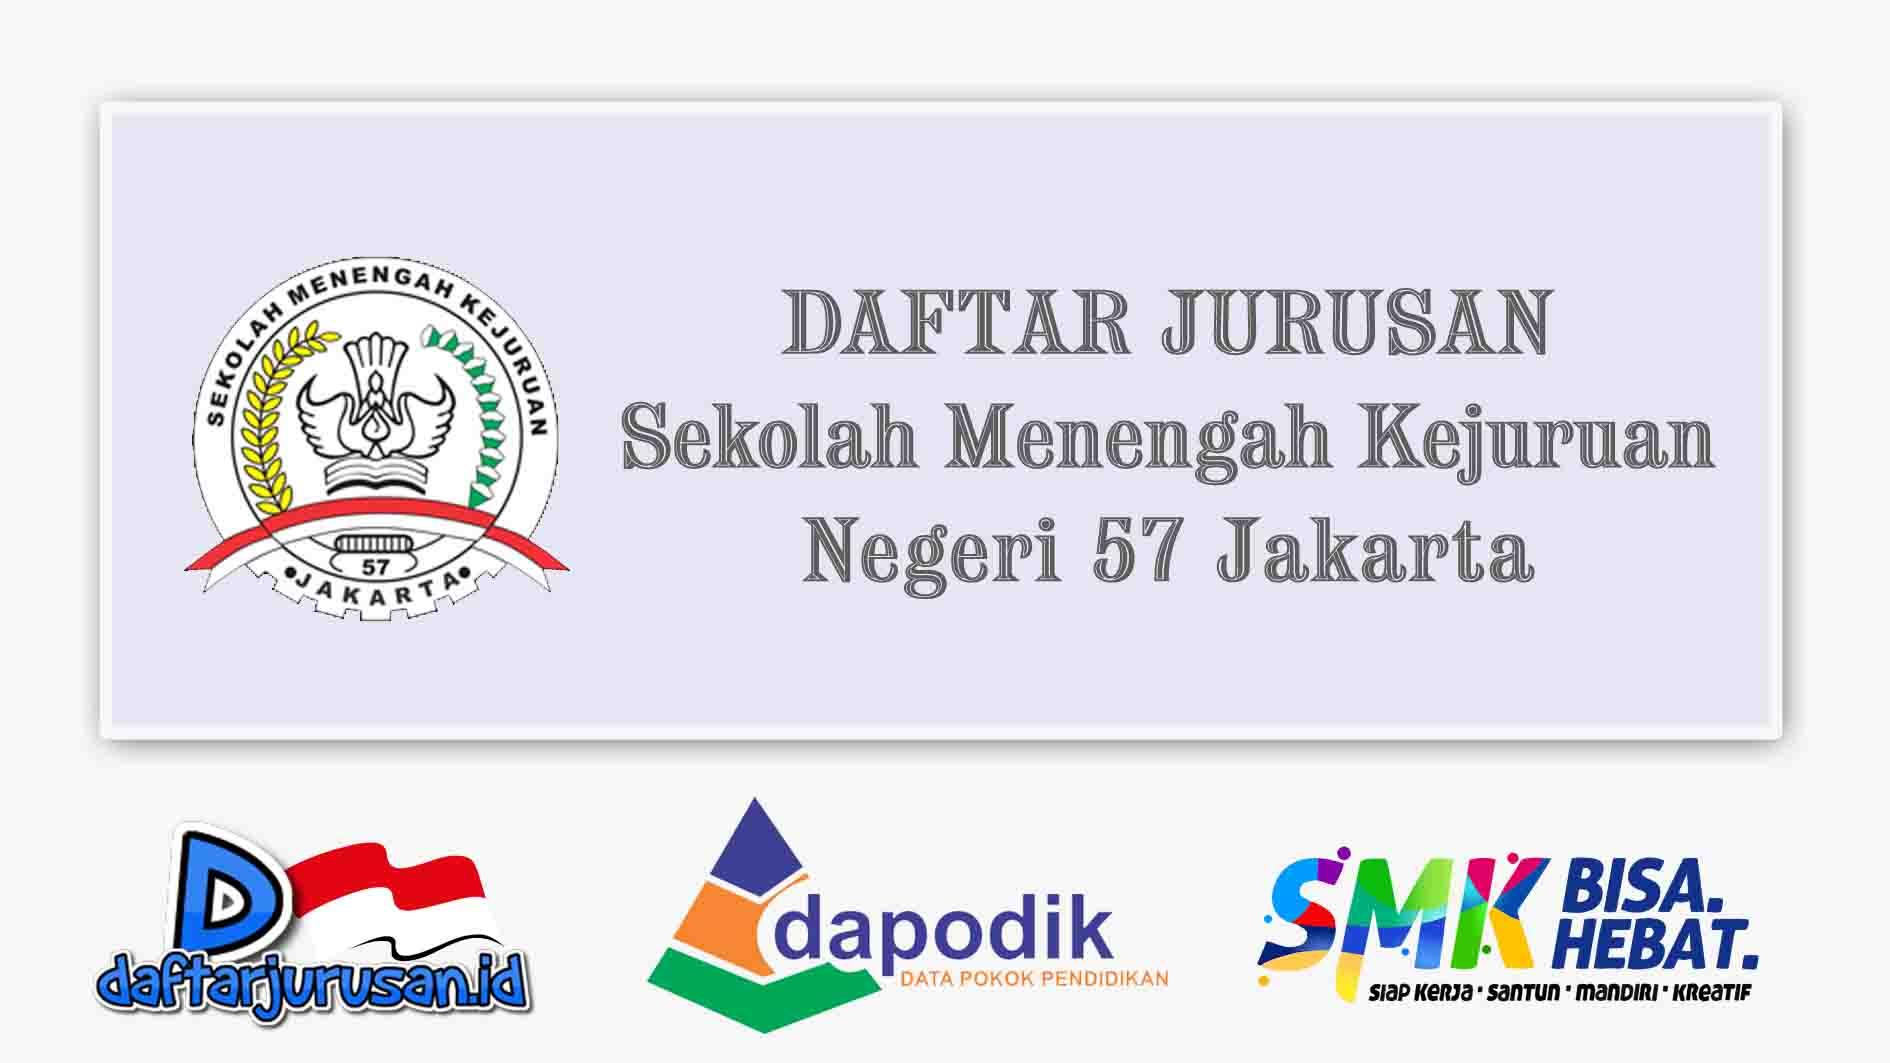 Daftar Jurusan SMK Negeri 57 Jakarta Selatan